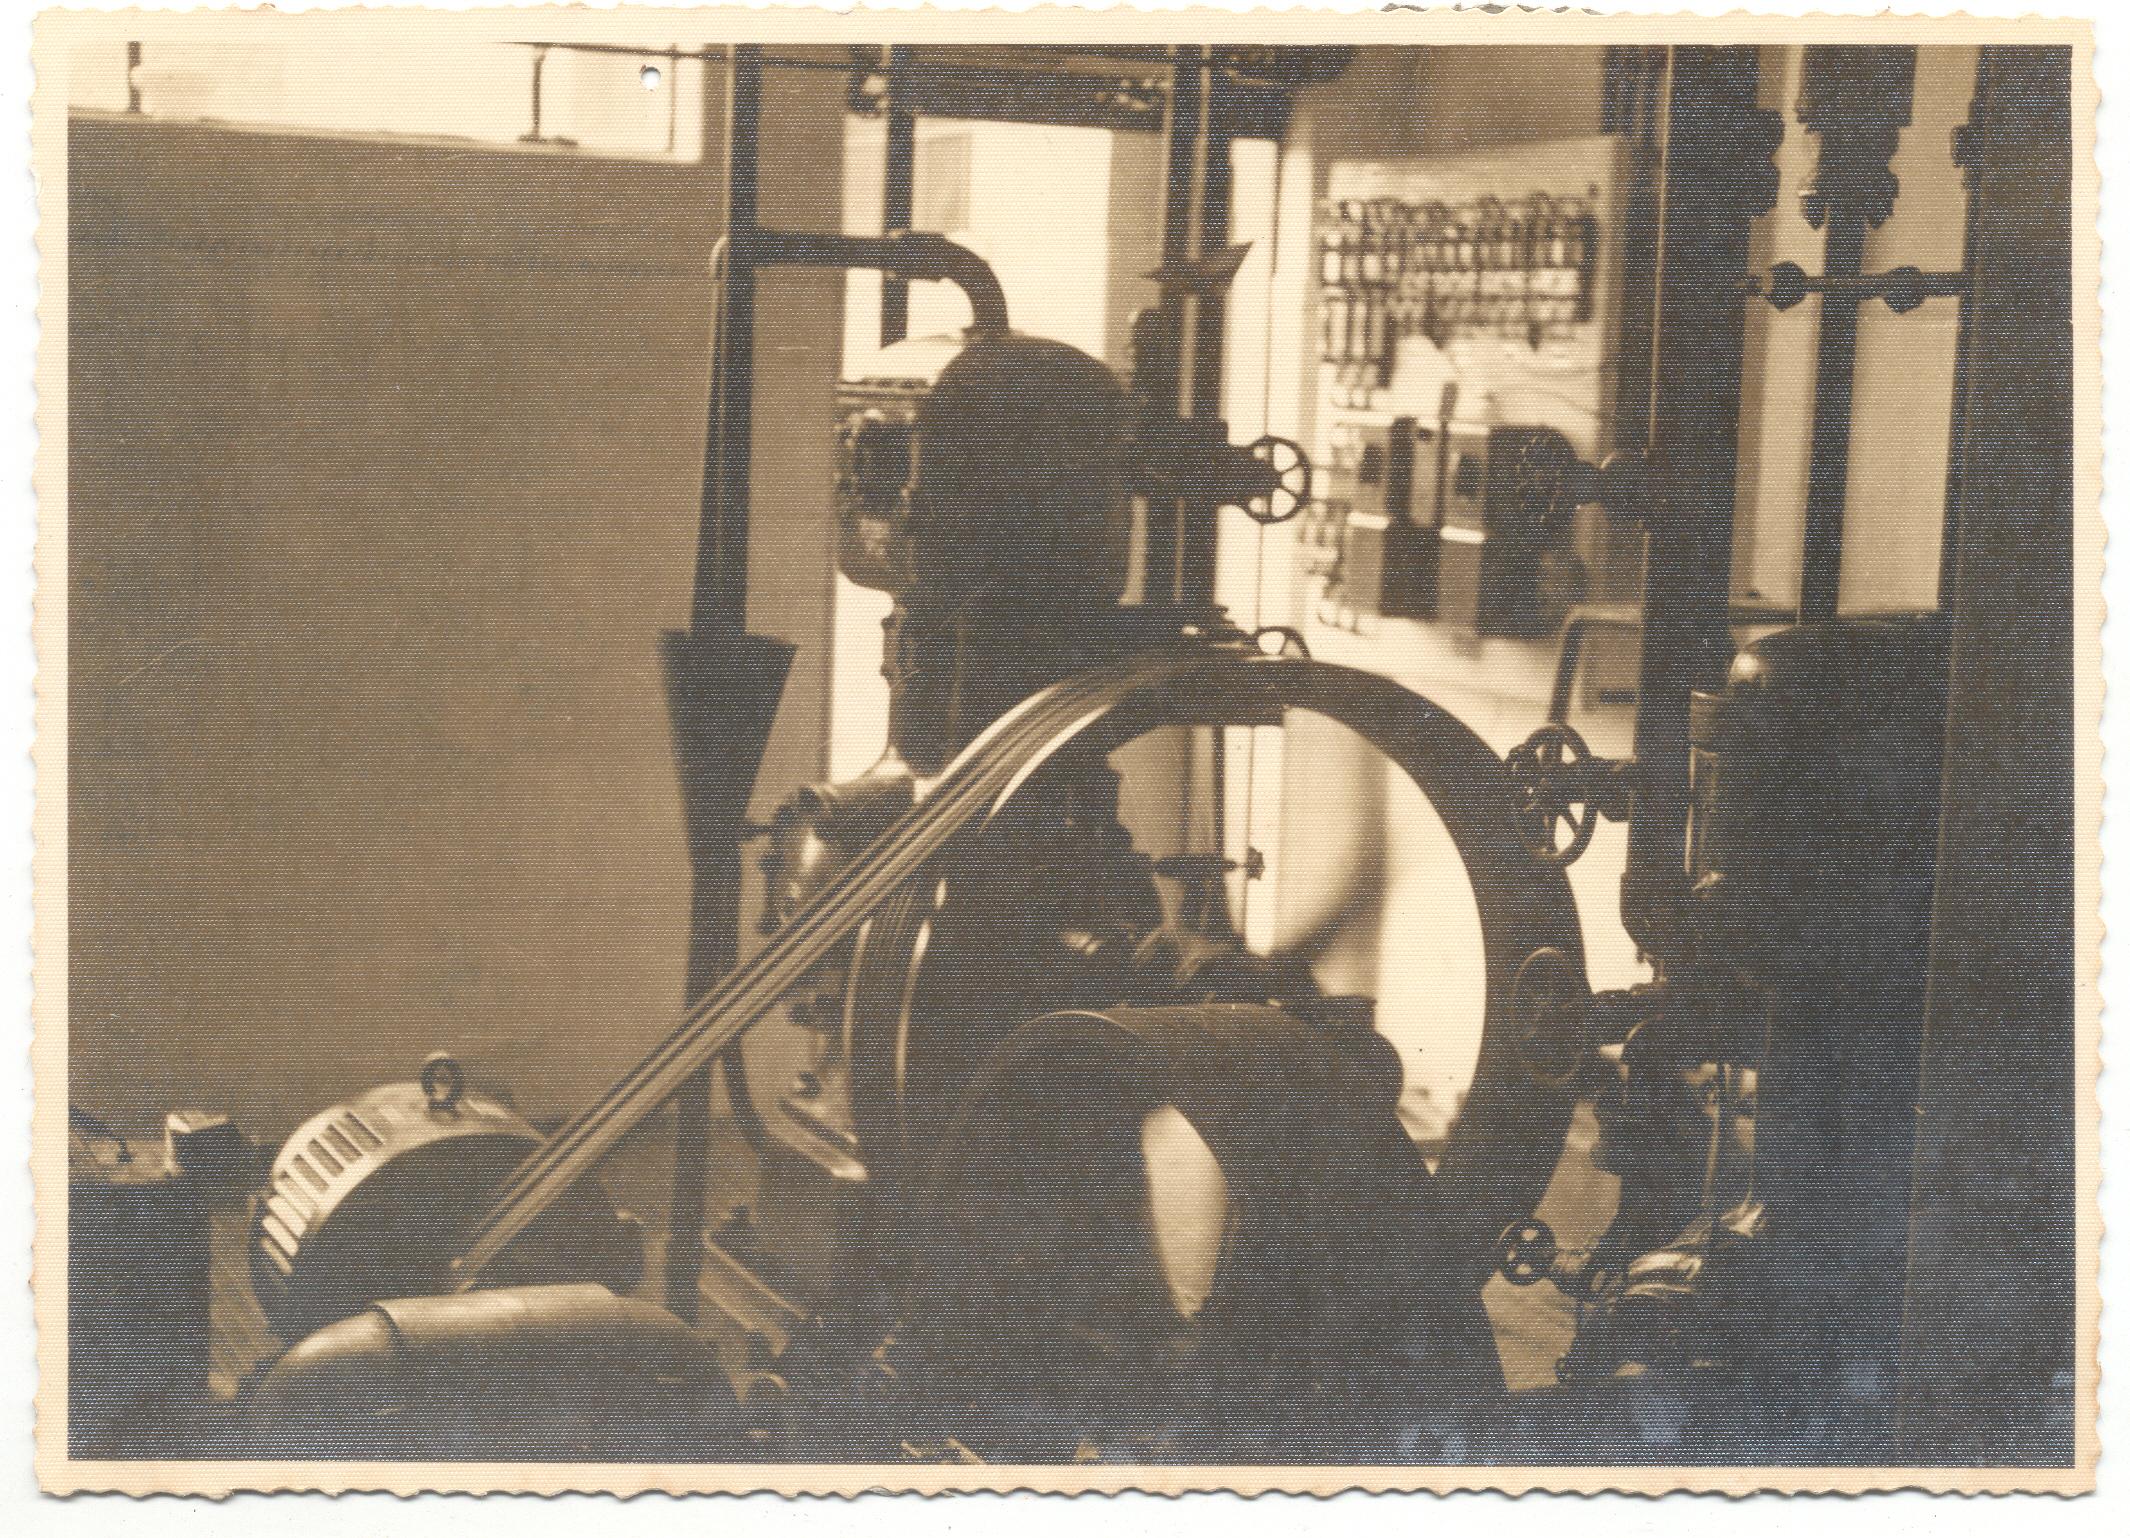 foto039-laticinio compressor frick20